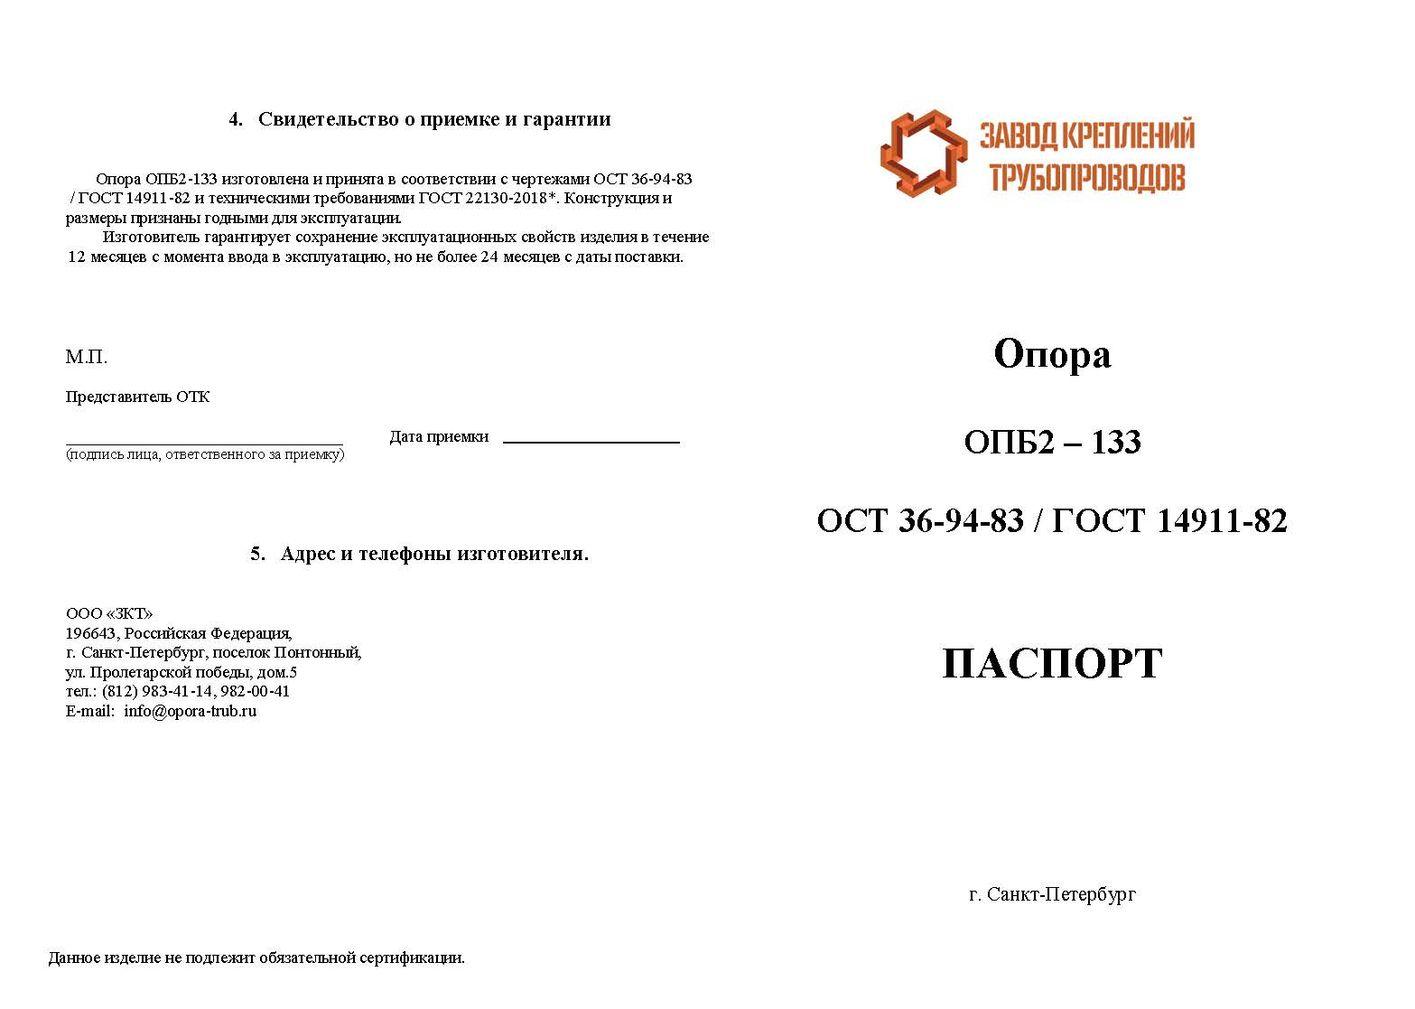 Паспорт Опора ОПБ2-133 ОСТ 36-94-83; ГОСТ 14911-82 стр.1